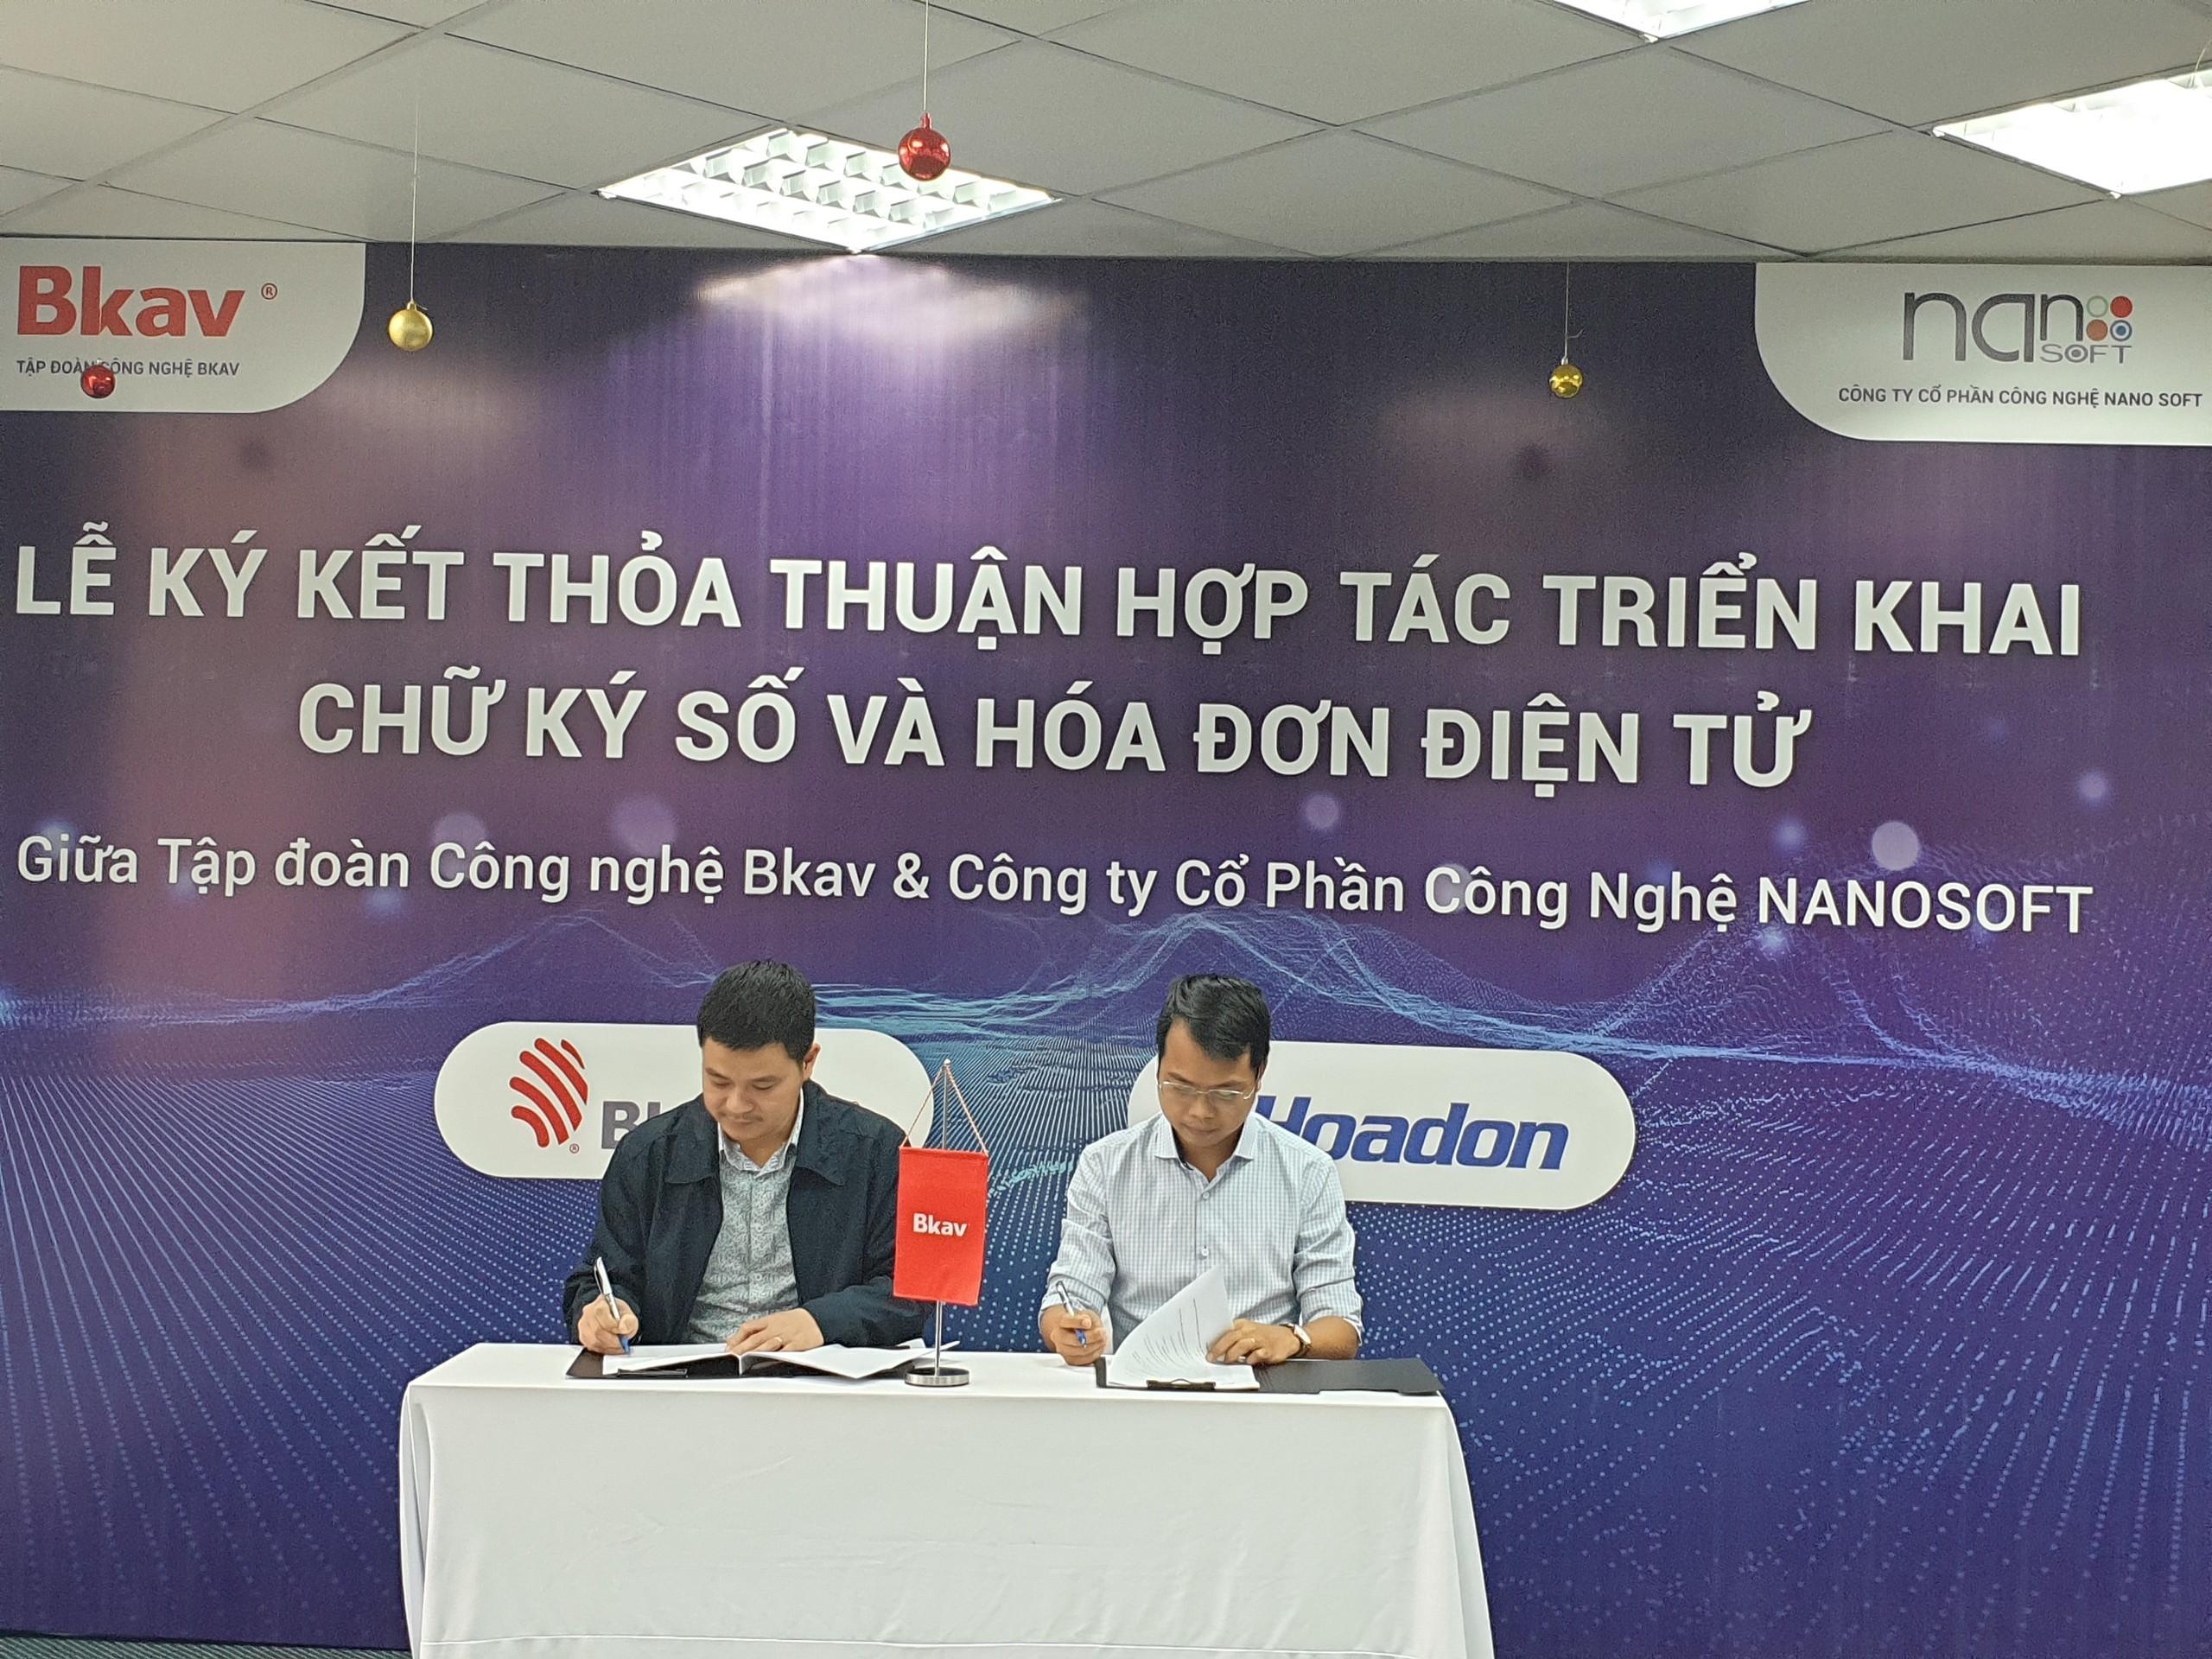 [Hợp tác cùng phát triển] – NANOSOFT bắt tay cùng Tập đoàn công nghệ BKAV